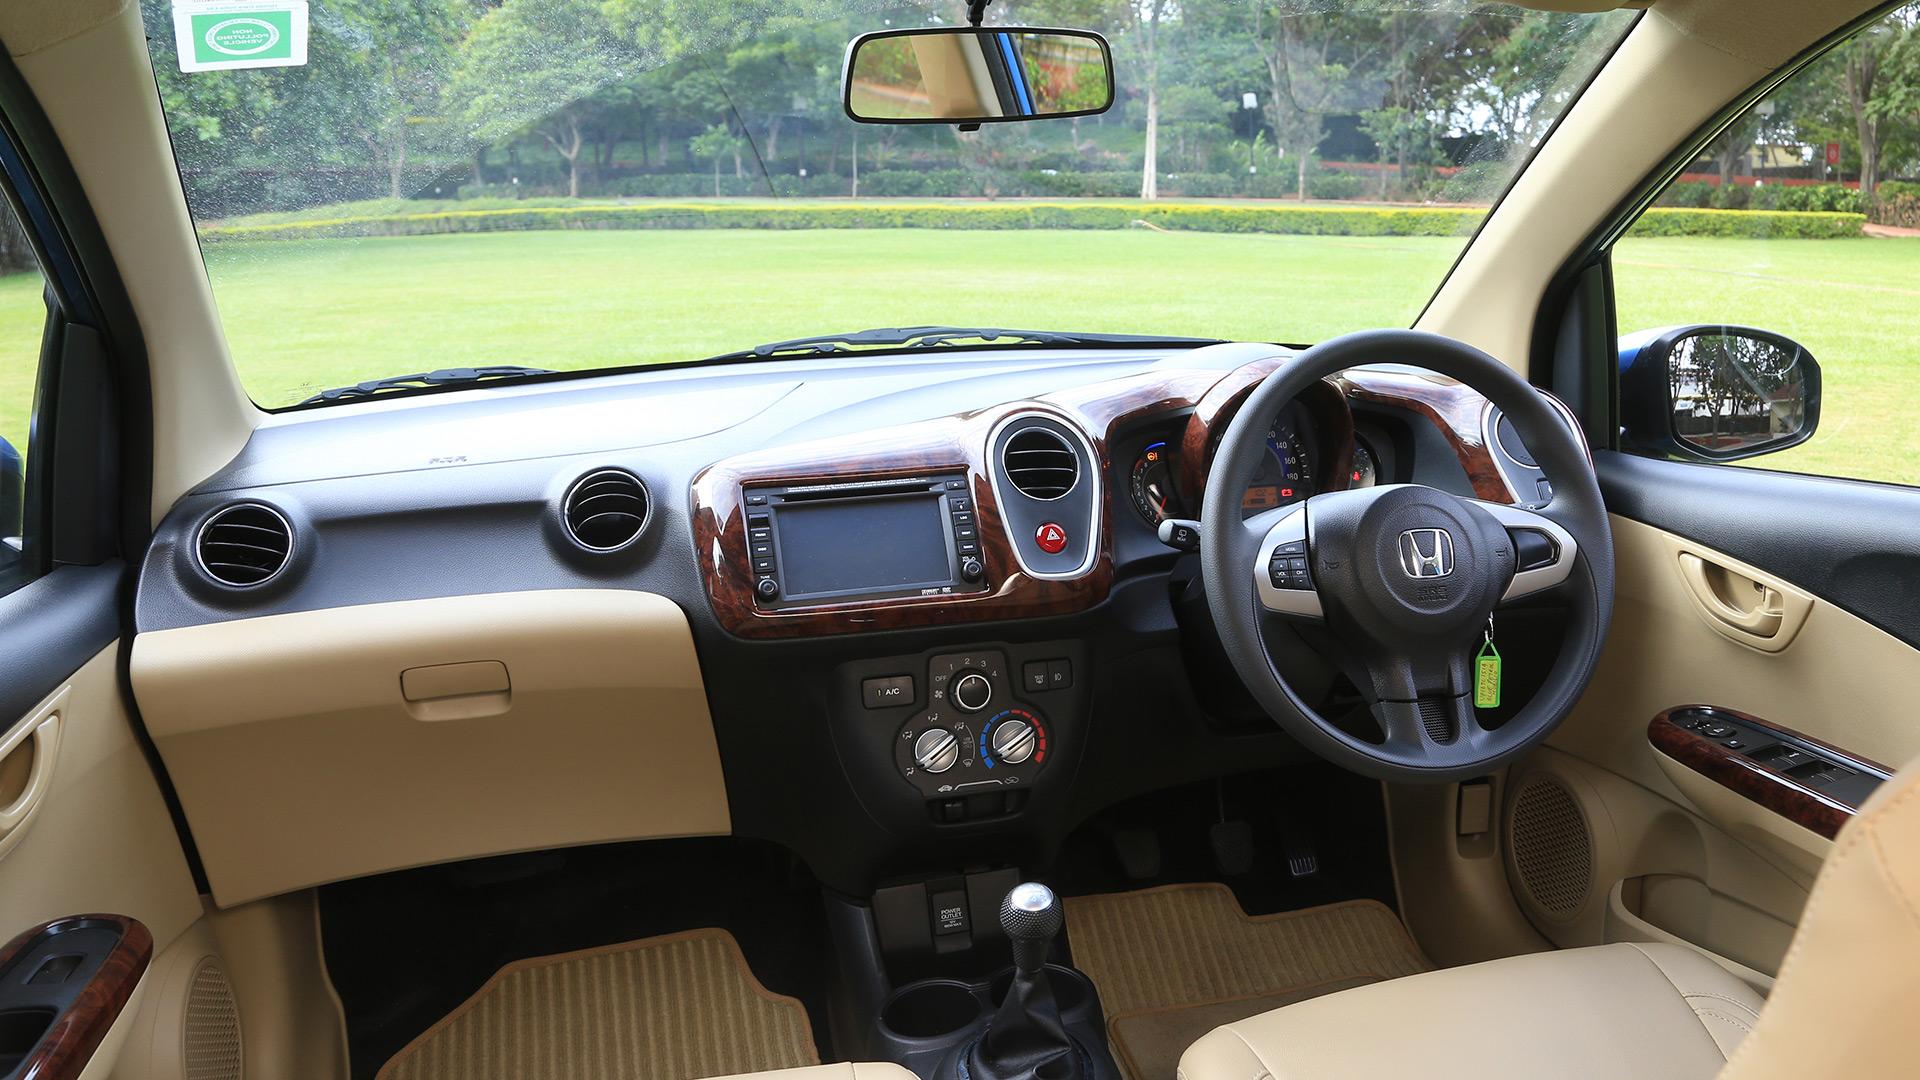 Honda-Mobilio-2014 Exterior